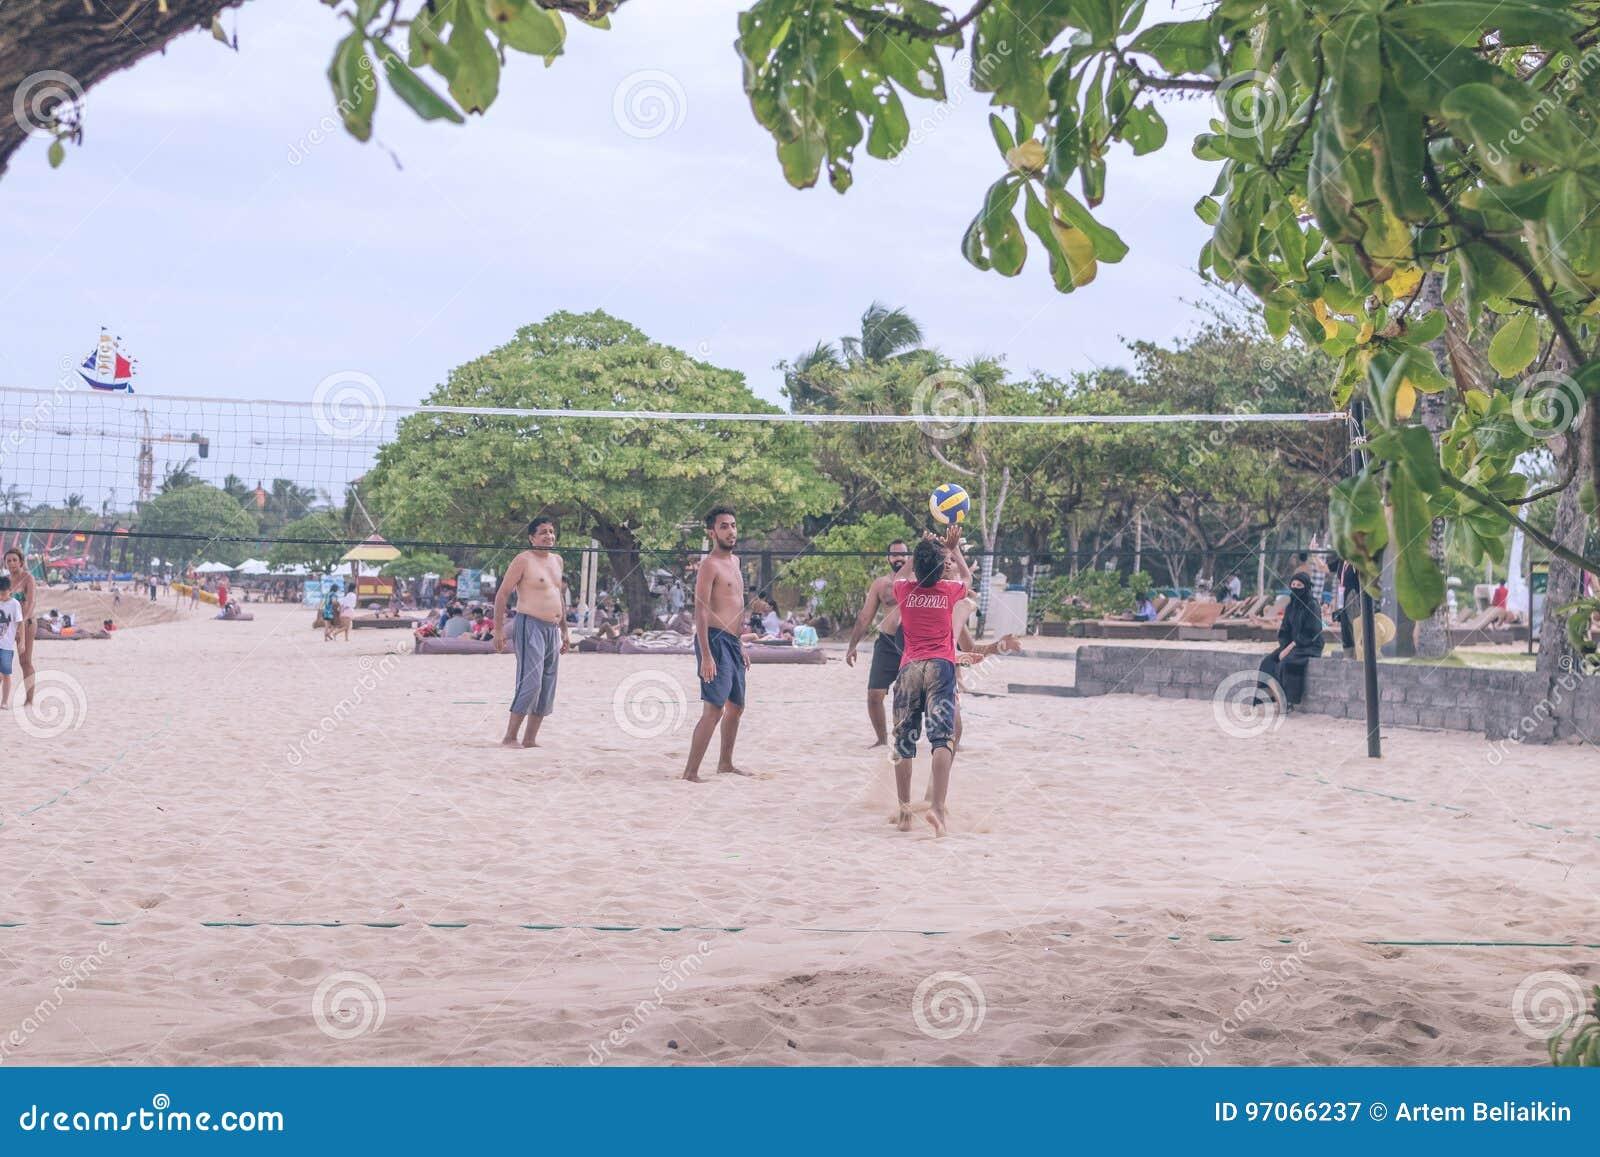 BALI INDONESIEN - JULI 27, 2017: Grupp av vänner som spelar strandsalvan - Mång--etik grupp människor som har gyckel på